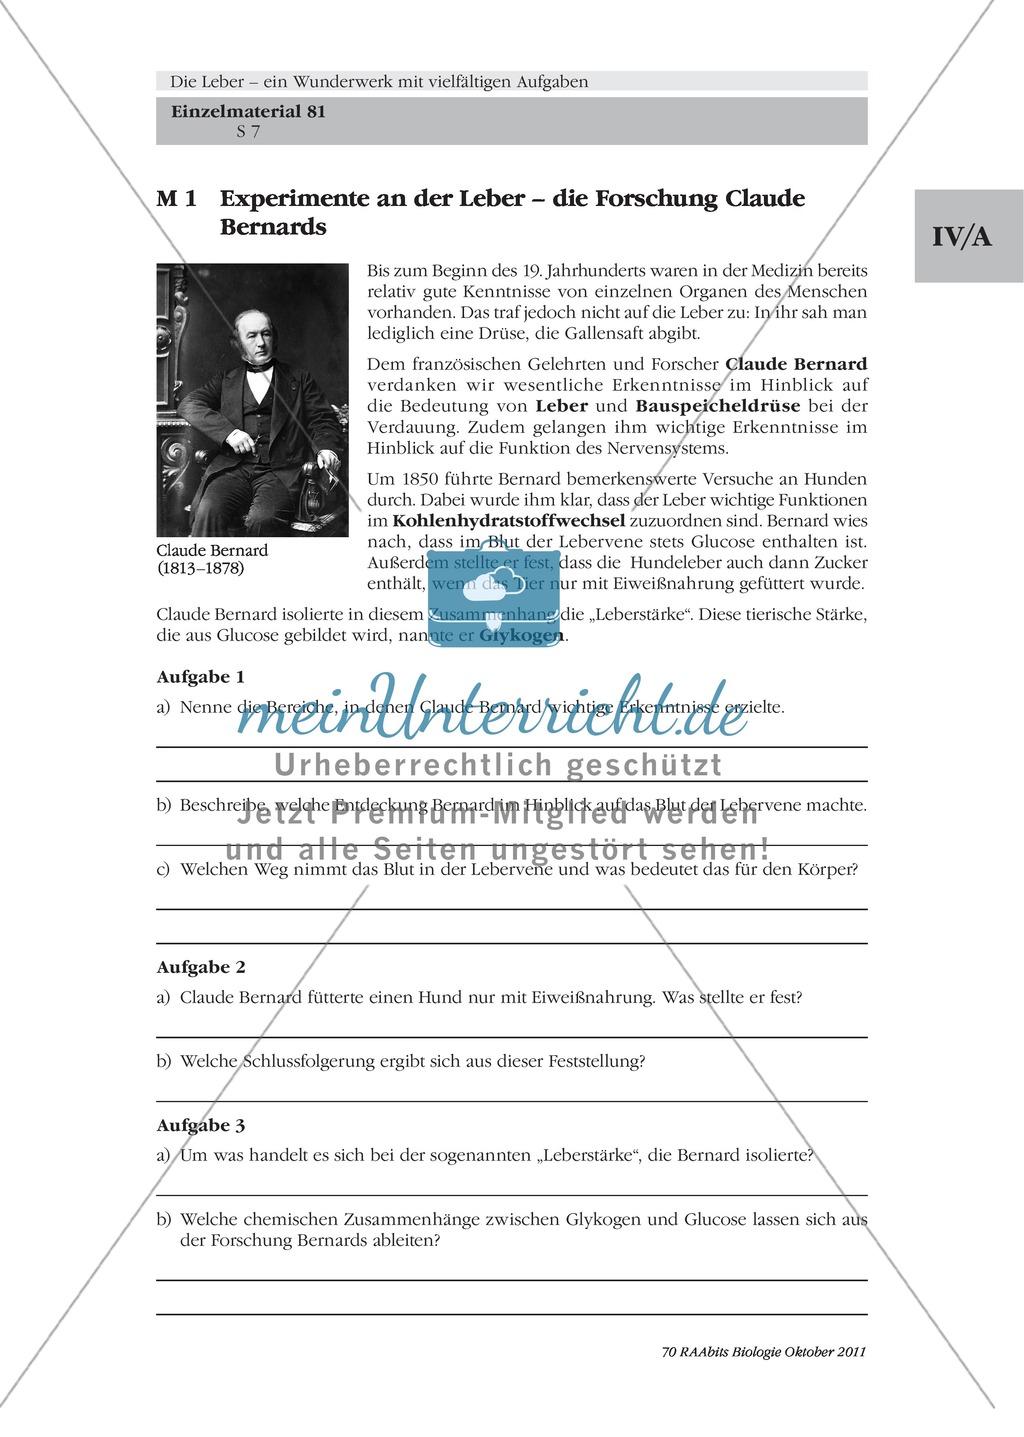 Leber: Einführung, Text, Experimente an der Leber, Claude Bernard Preview 0